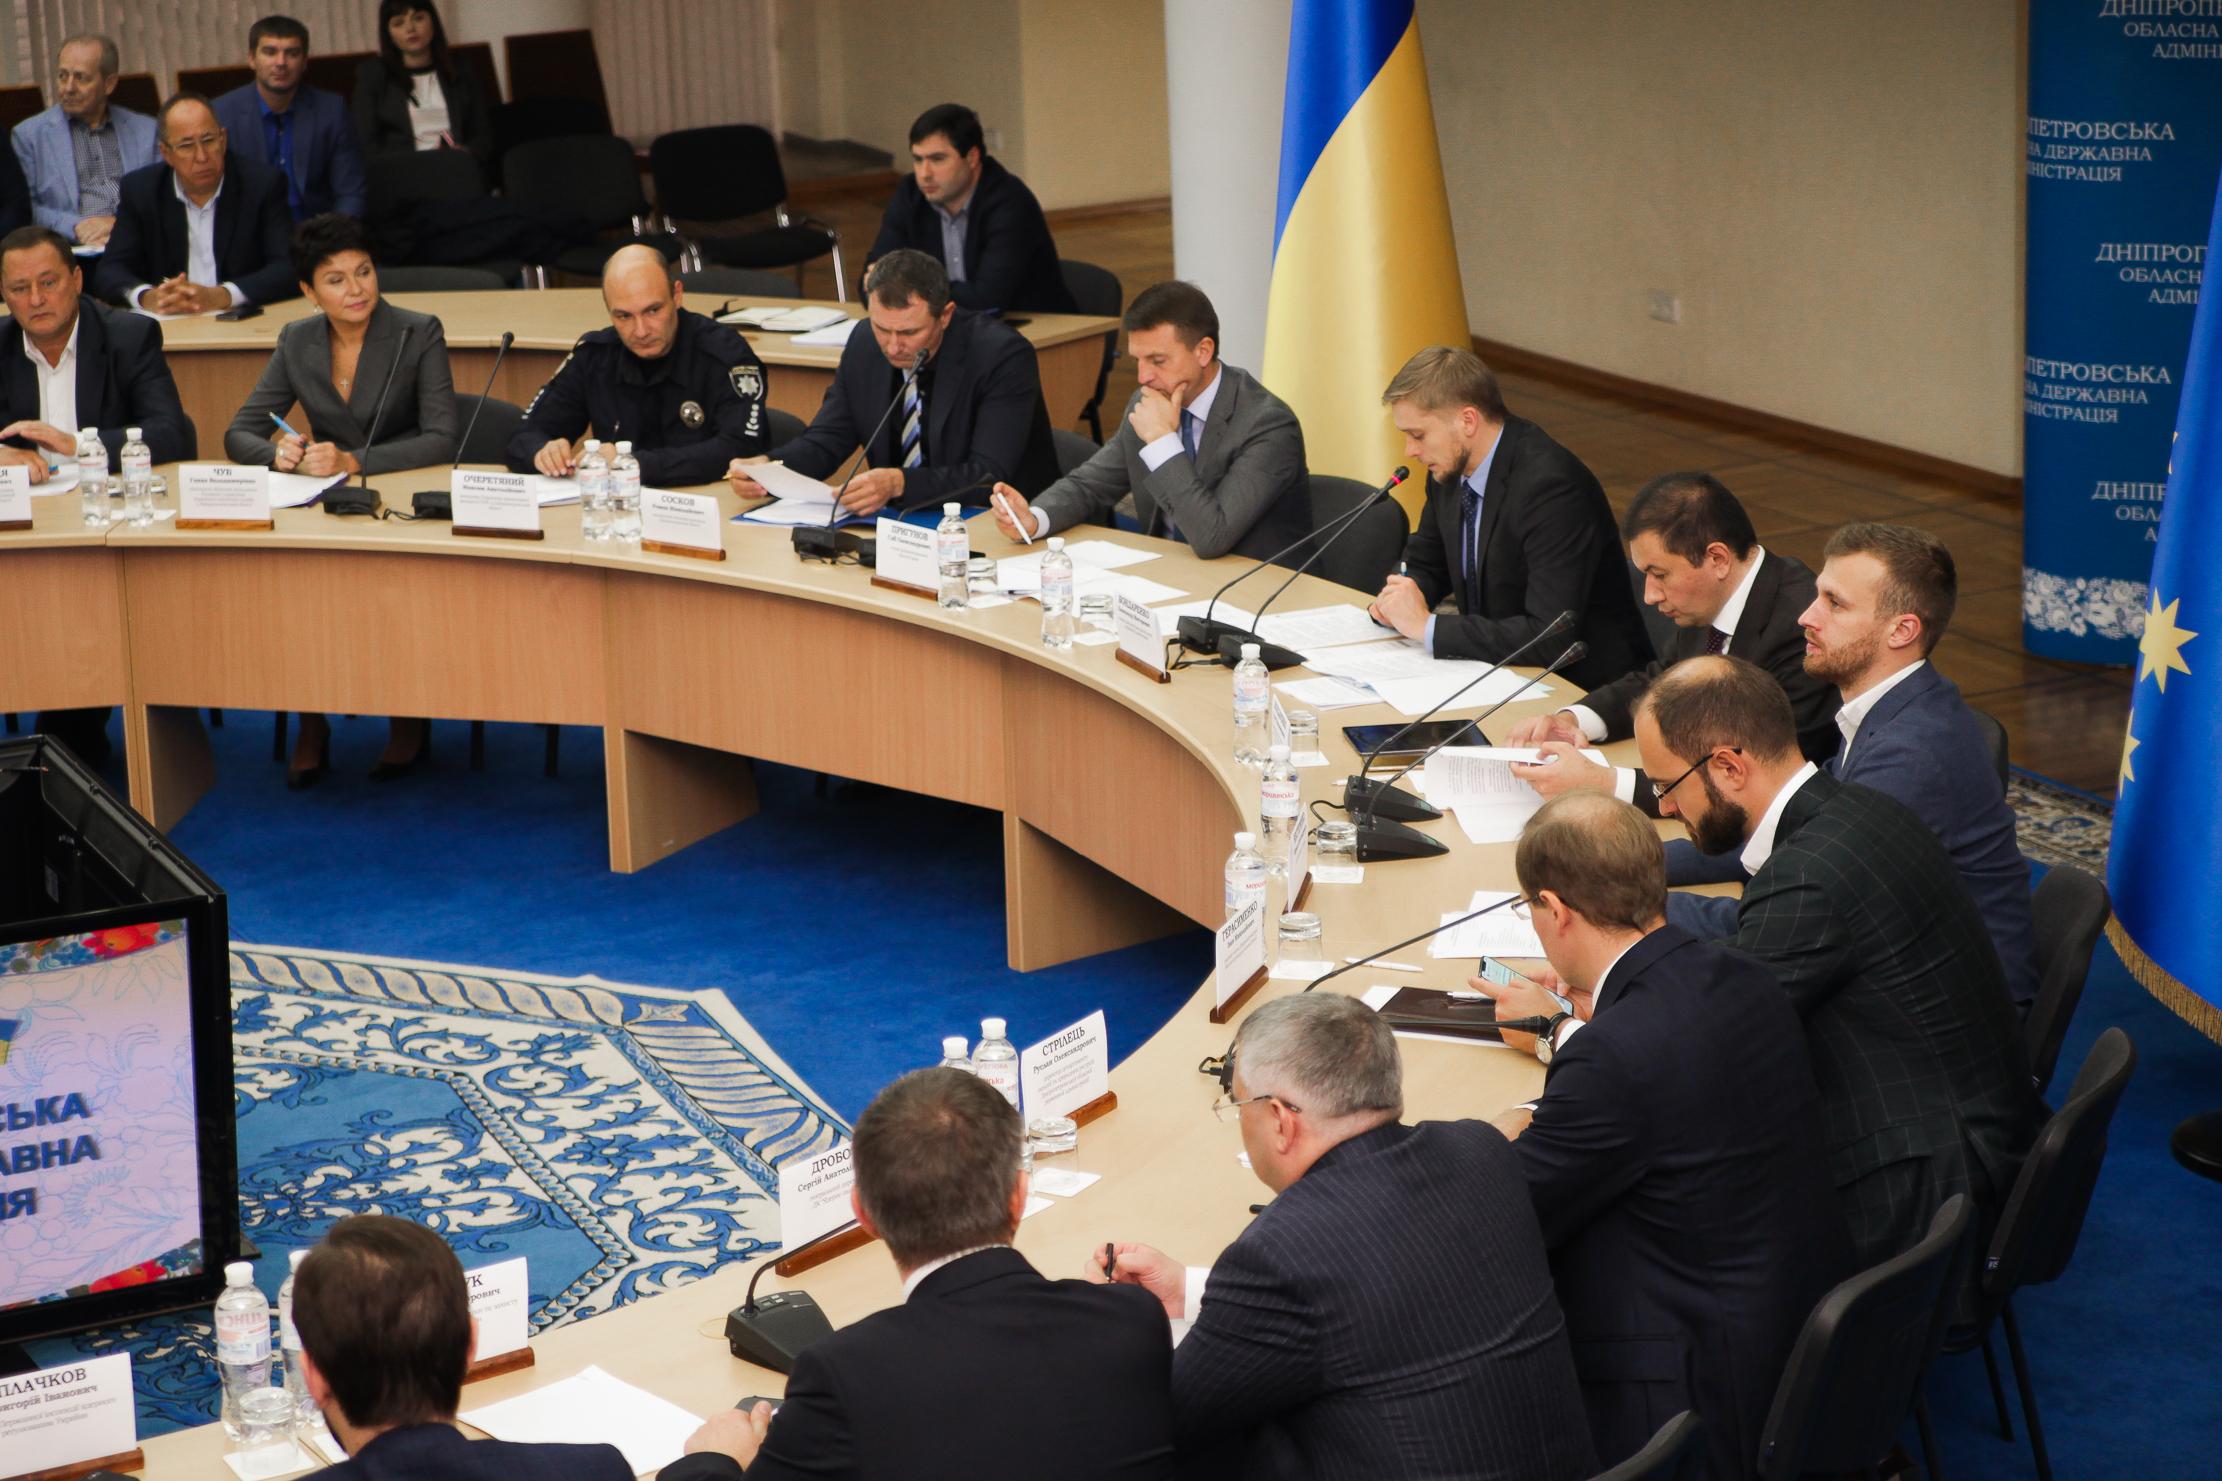 У Дніпропетровській ОДА пройшла нарада з питань екологічного стану регіону